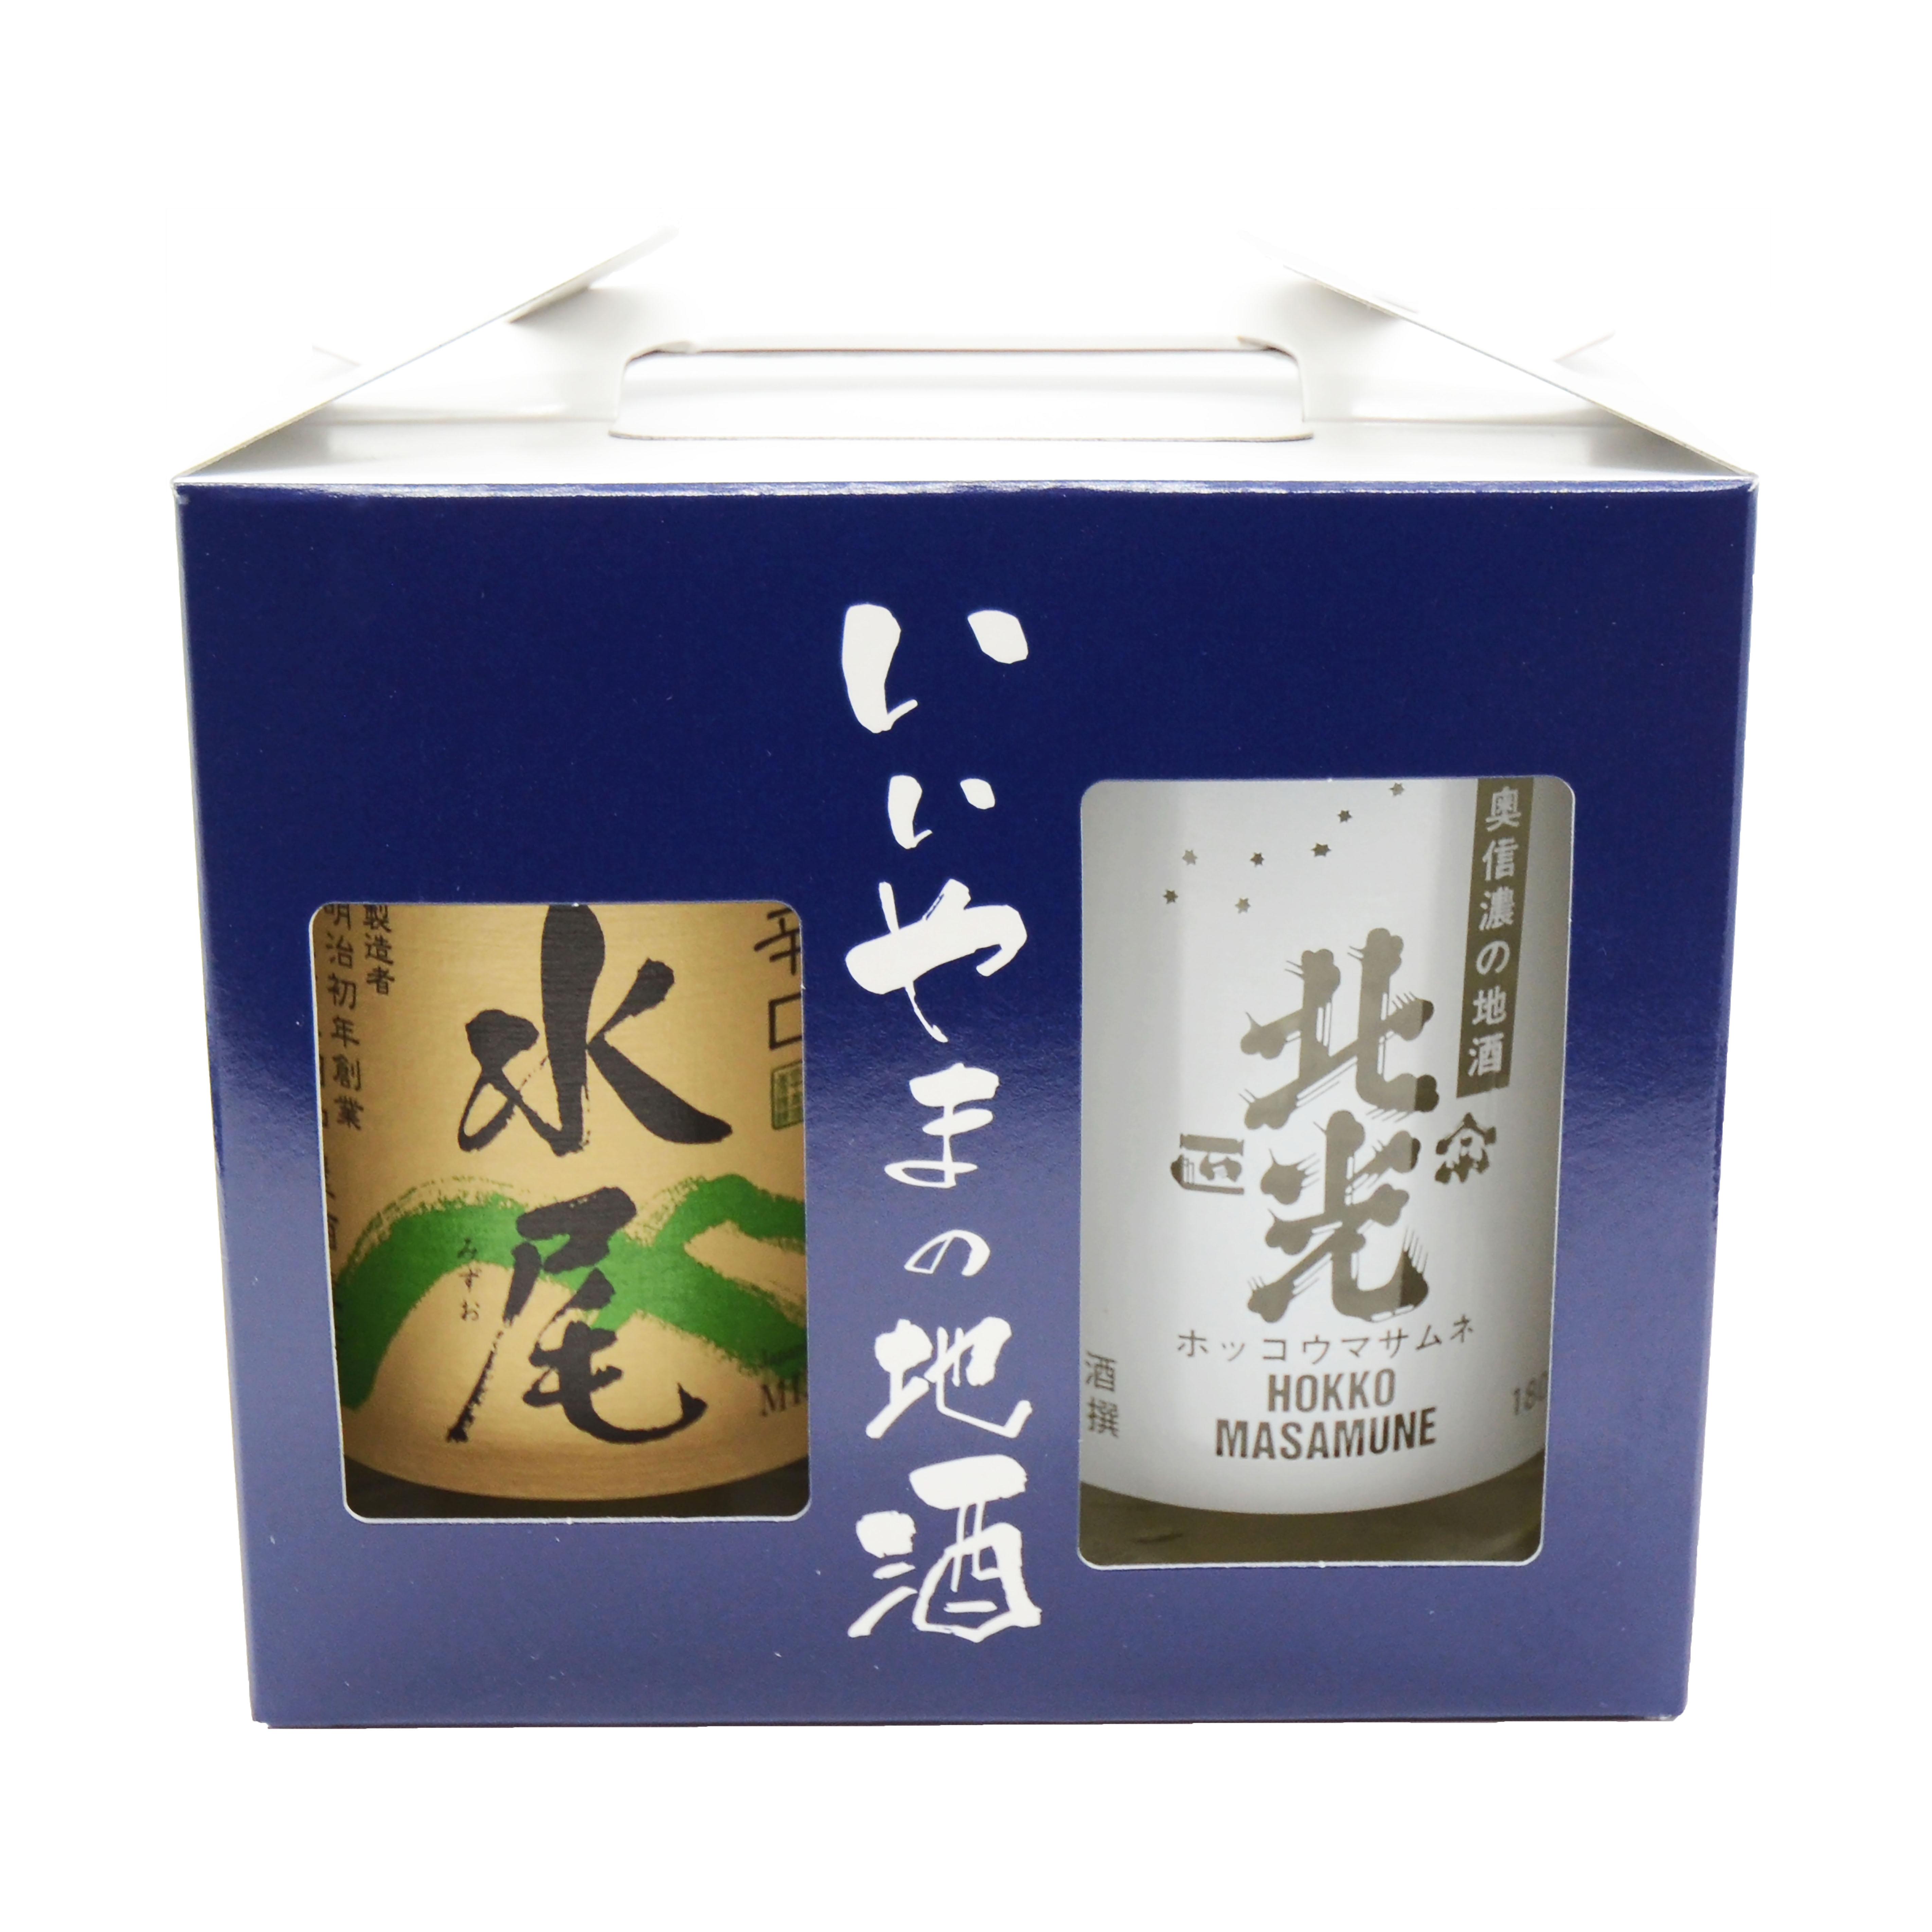 水尾・北光地酒ワンカップセット 180ml×2